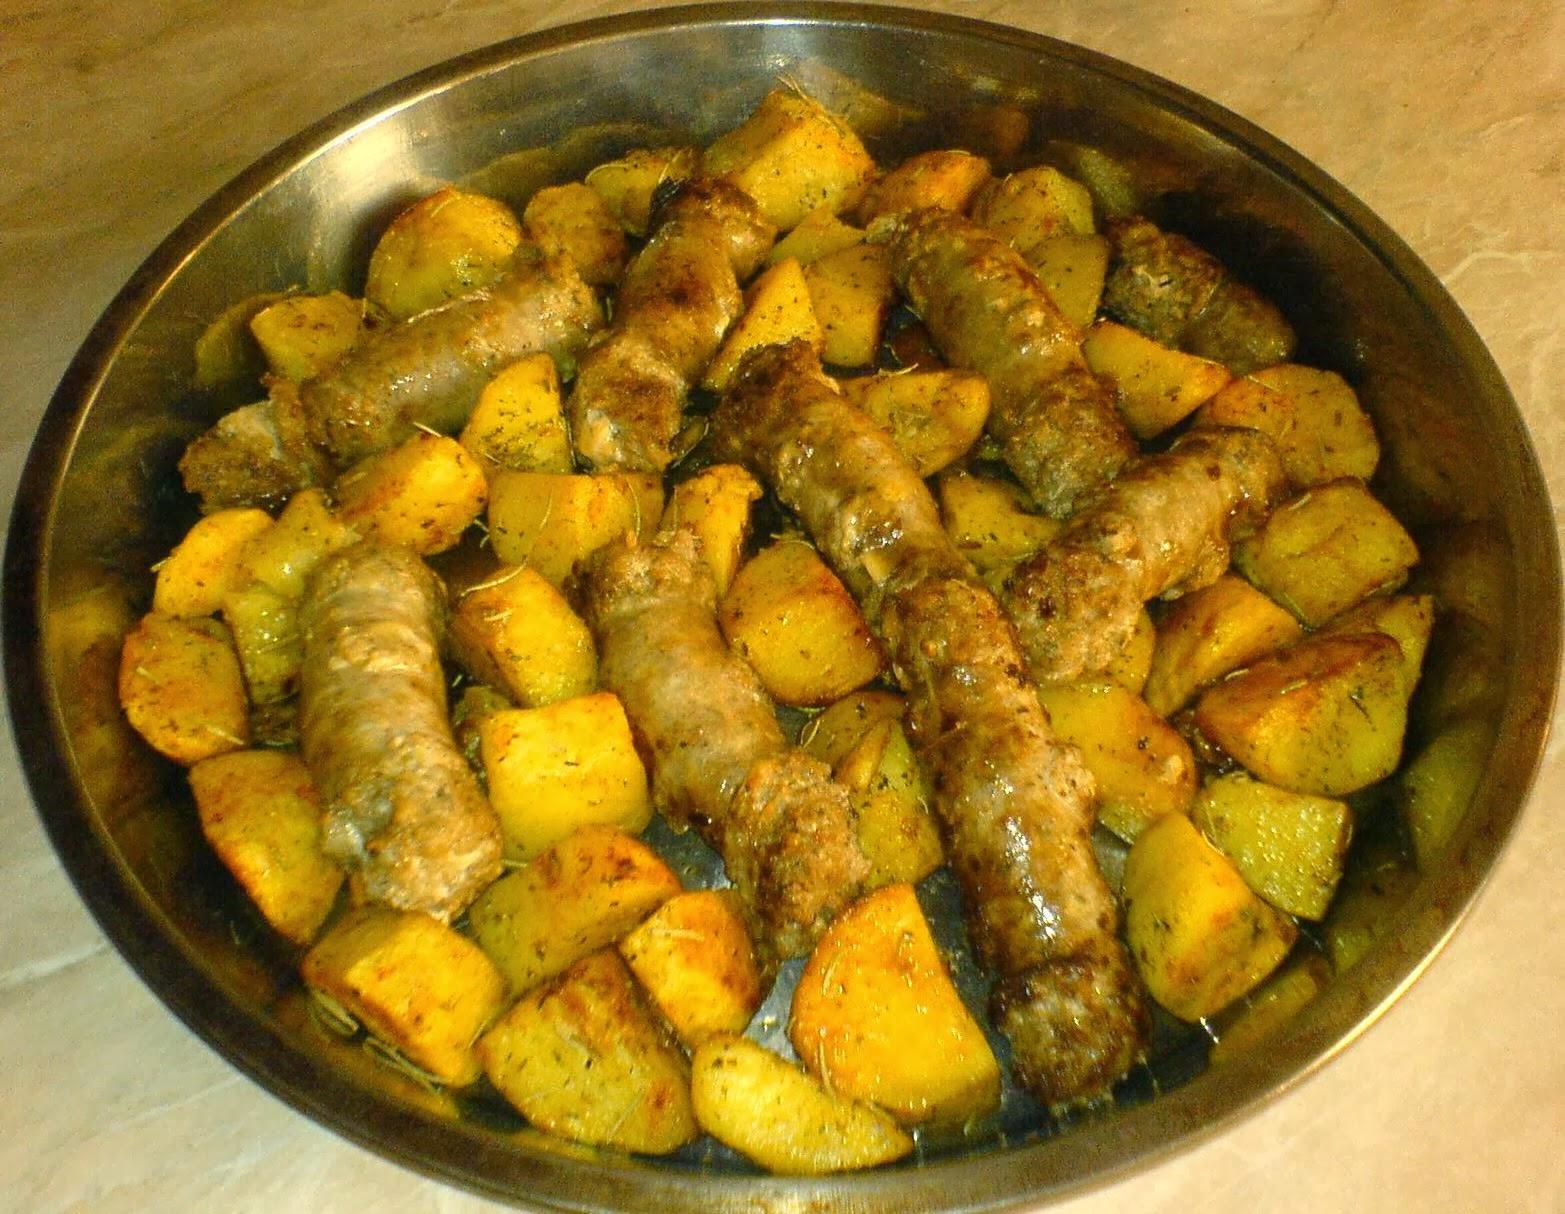 friptura de cartofi la cuptor, friptura de carnati la cuptor, retete cu carnati de porc, retete cu cartofi, retete de craciun, retete culinare, preparate culinare, fripturi, fripturi la cuptor, retete de mancare, meniu de craciun, mancaruri, mancare, retete cu carne de porc,